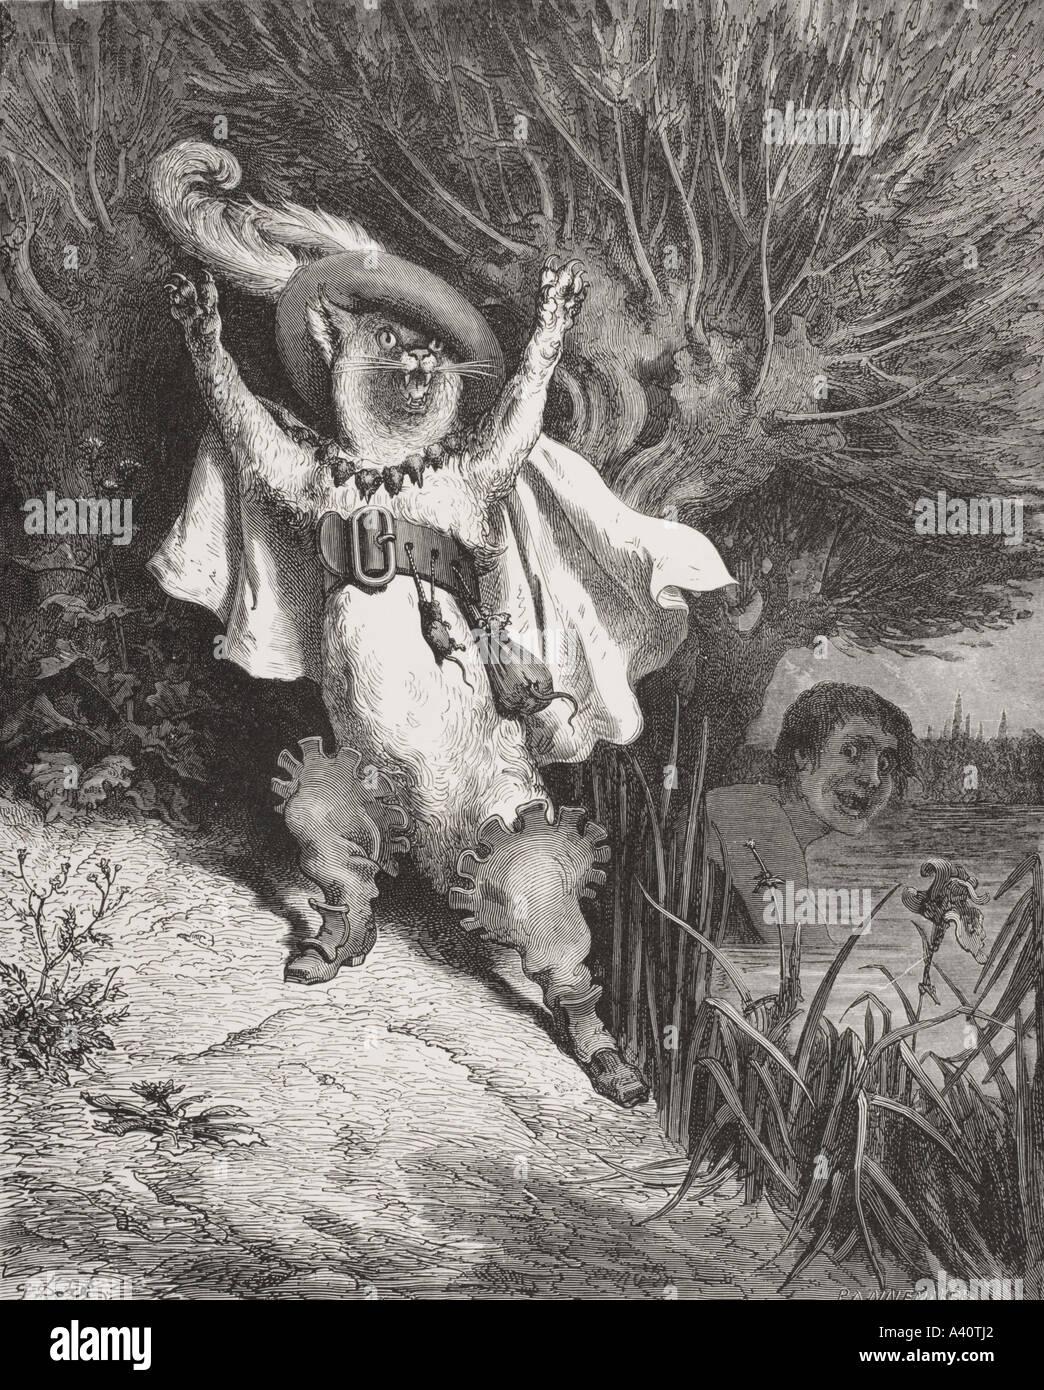 Gravure de Gustave Dore, 1832 - 1883. Artiste et illustrateur français du Chat botté du Royaume de fées par Tom Hood Photo Stock